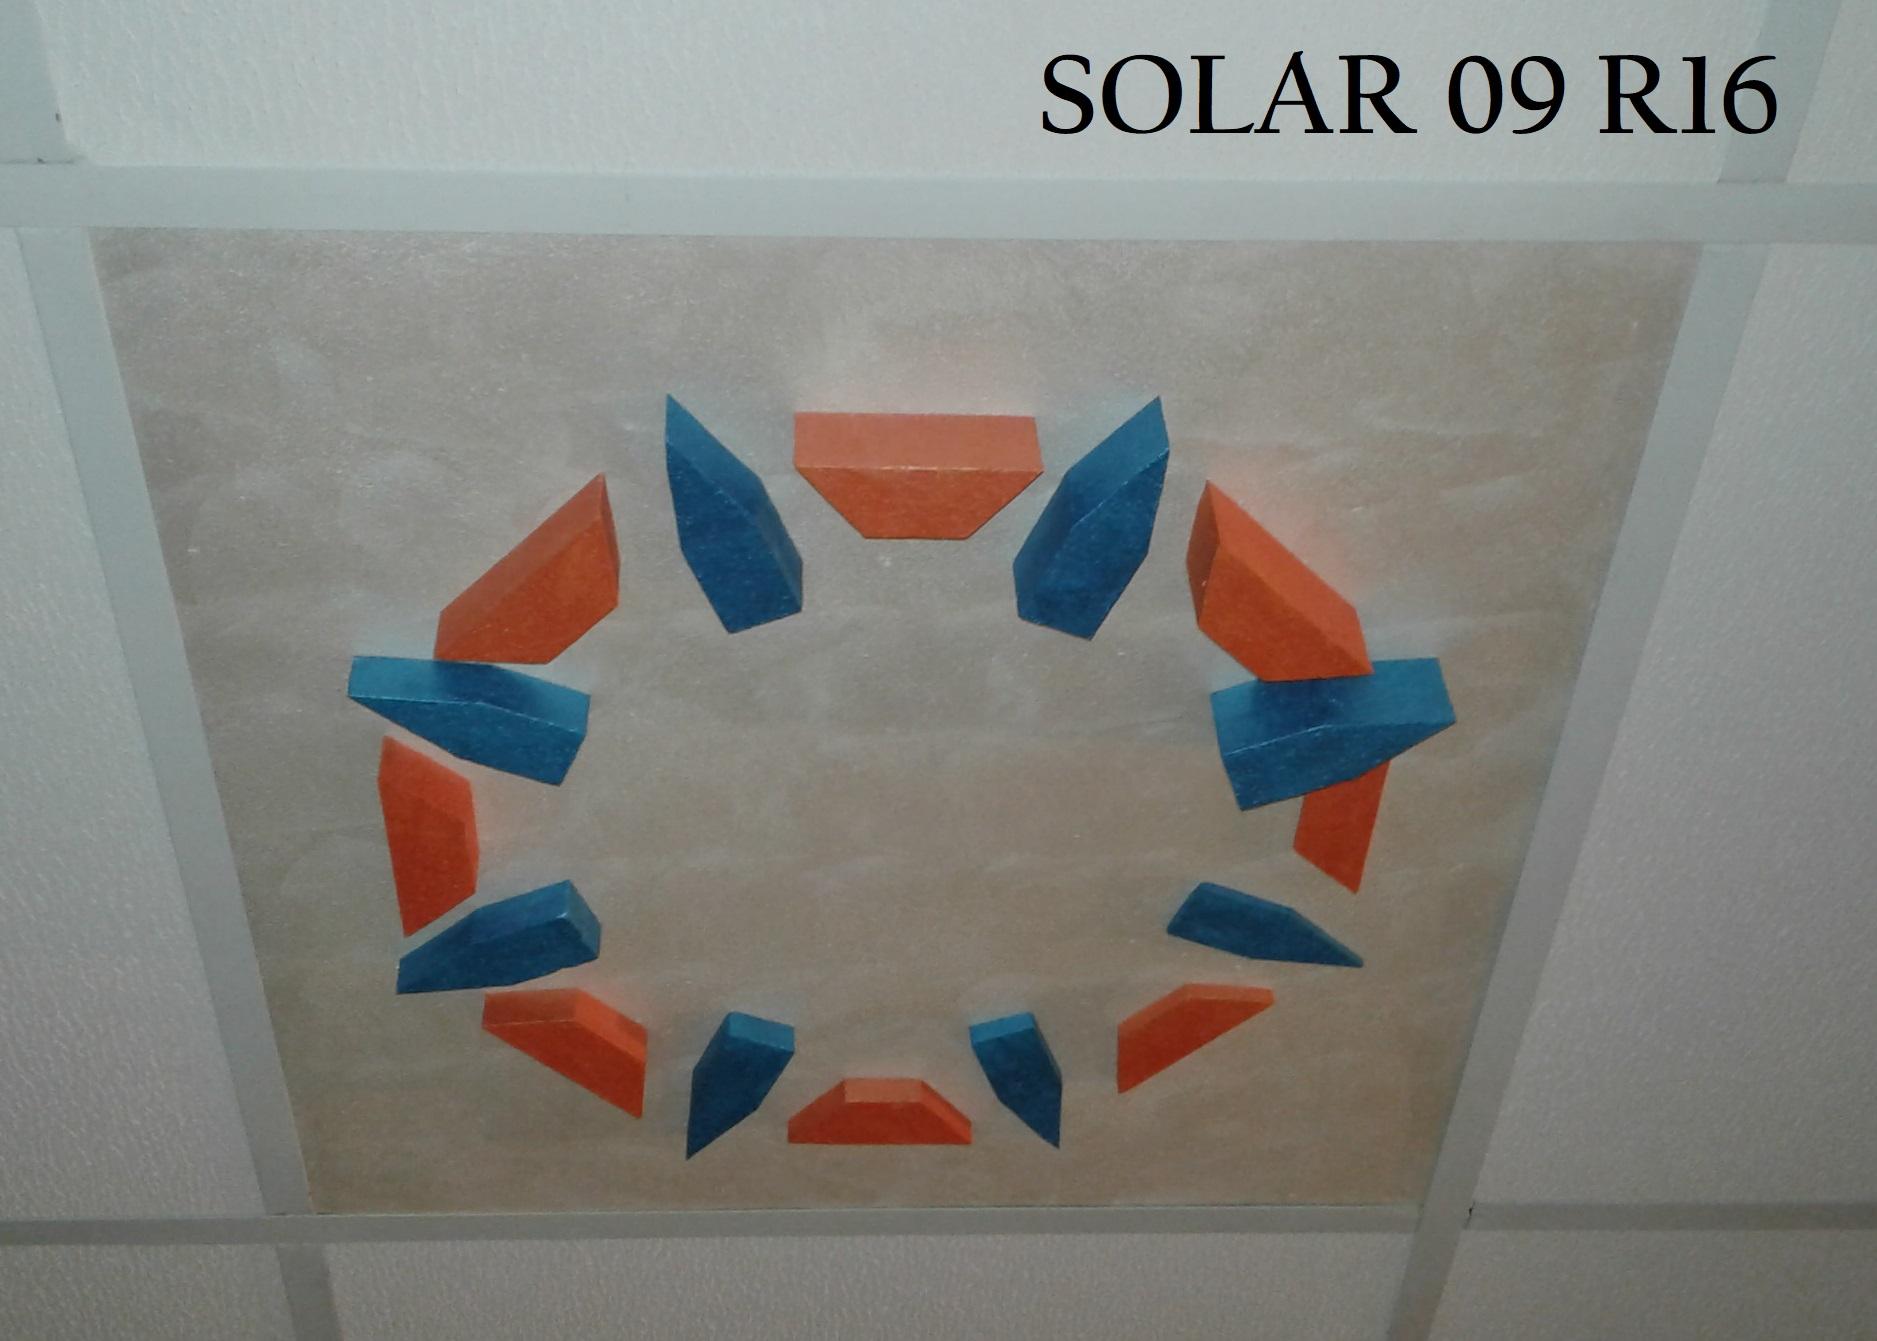 SOLAR 09 R16